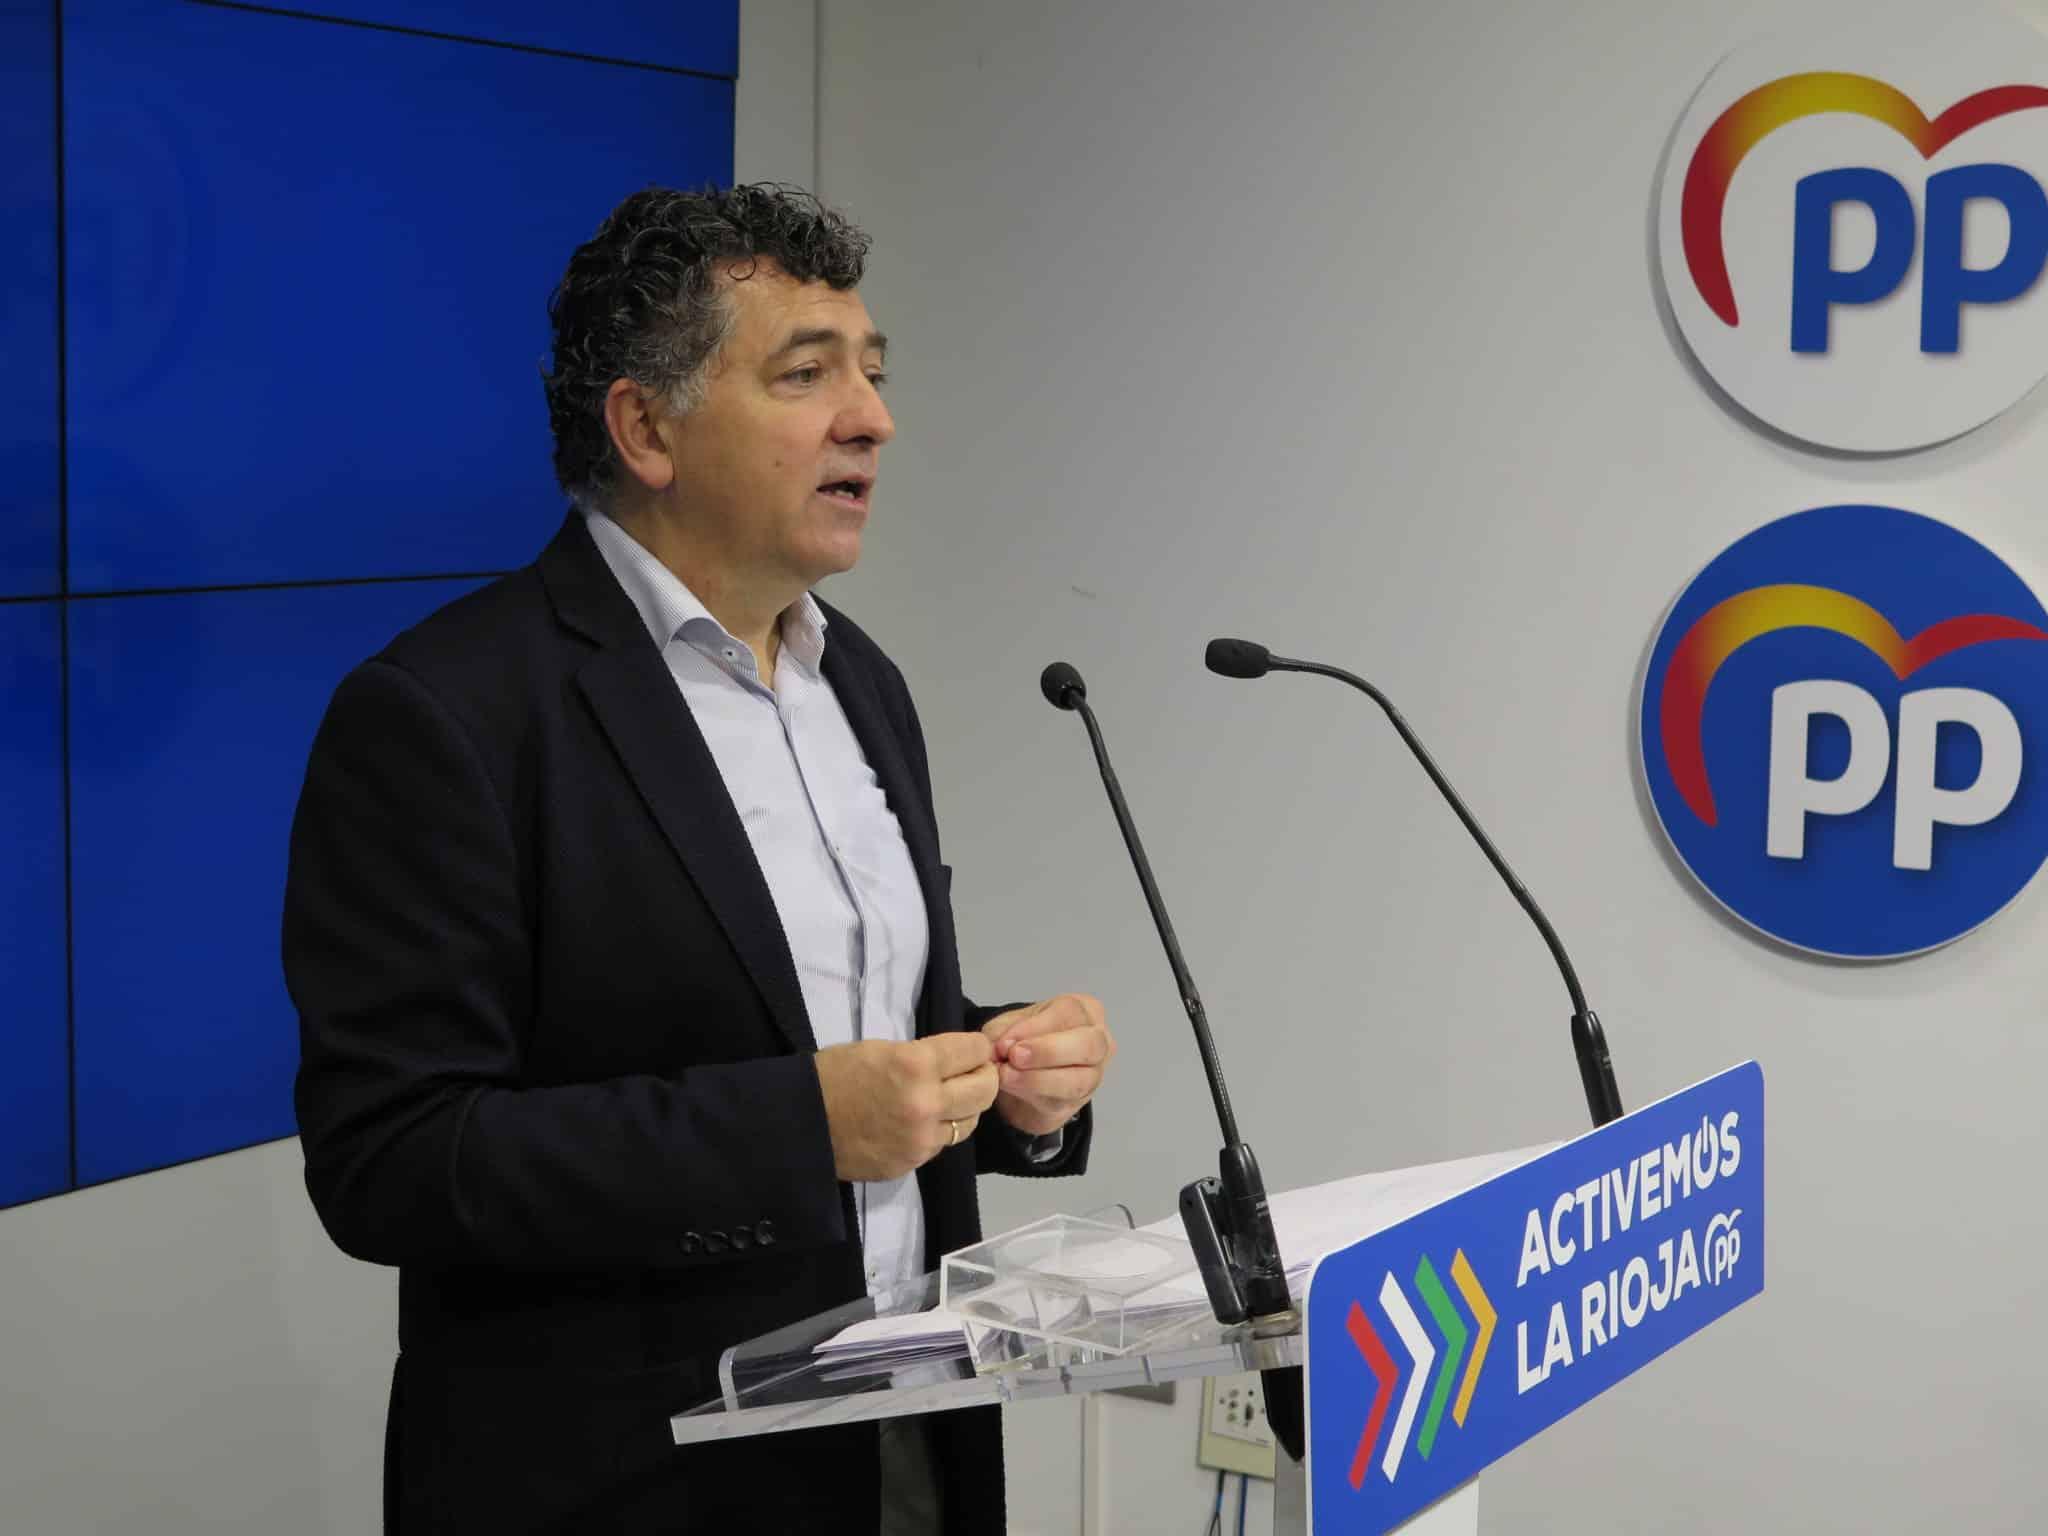 El PP de La Rioja propone un IVA superreducido del 4% y ayudas directas a la inversión para el sector turístico 1